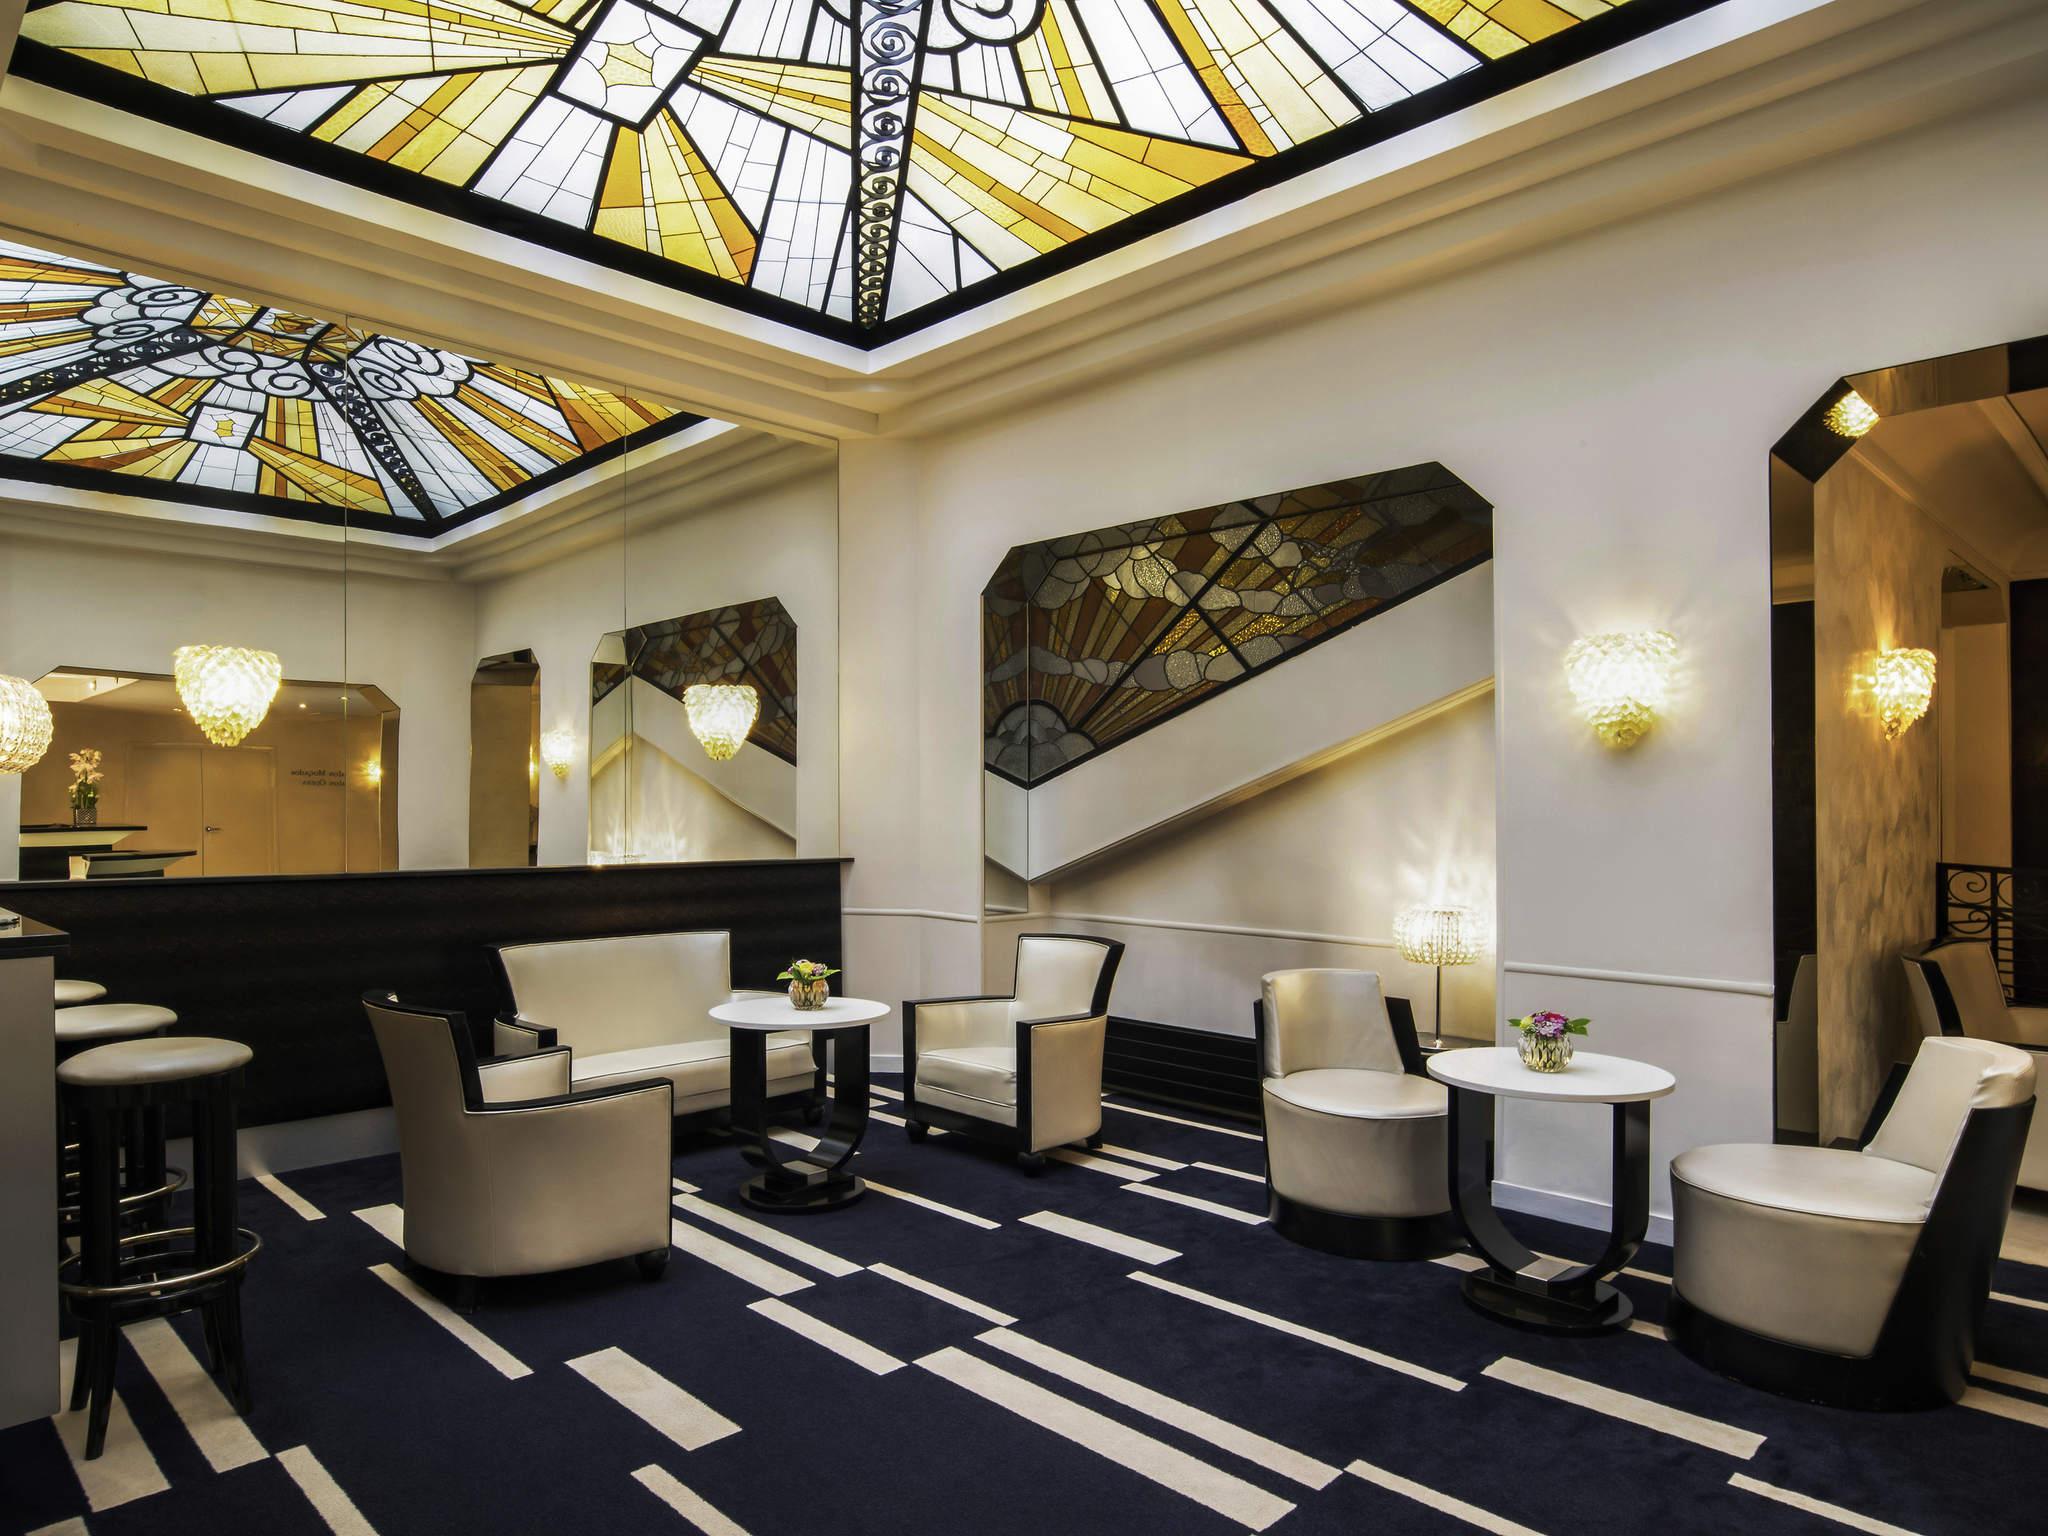 Отель — Отель Mercure Париж Опера Фобур-Монмартр